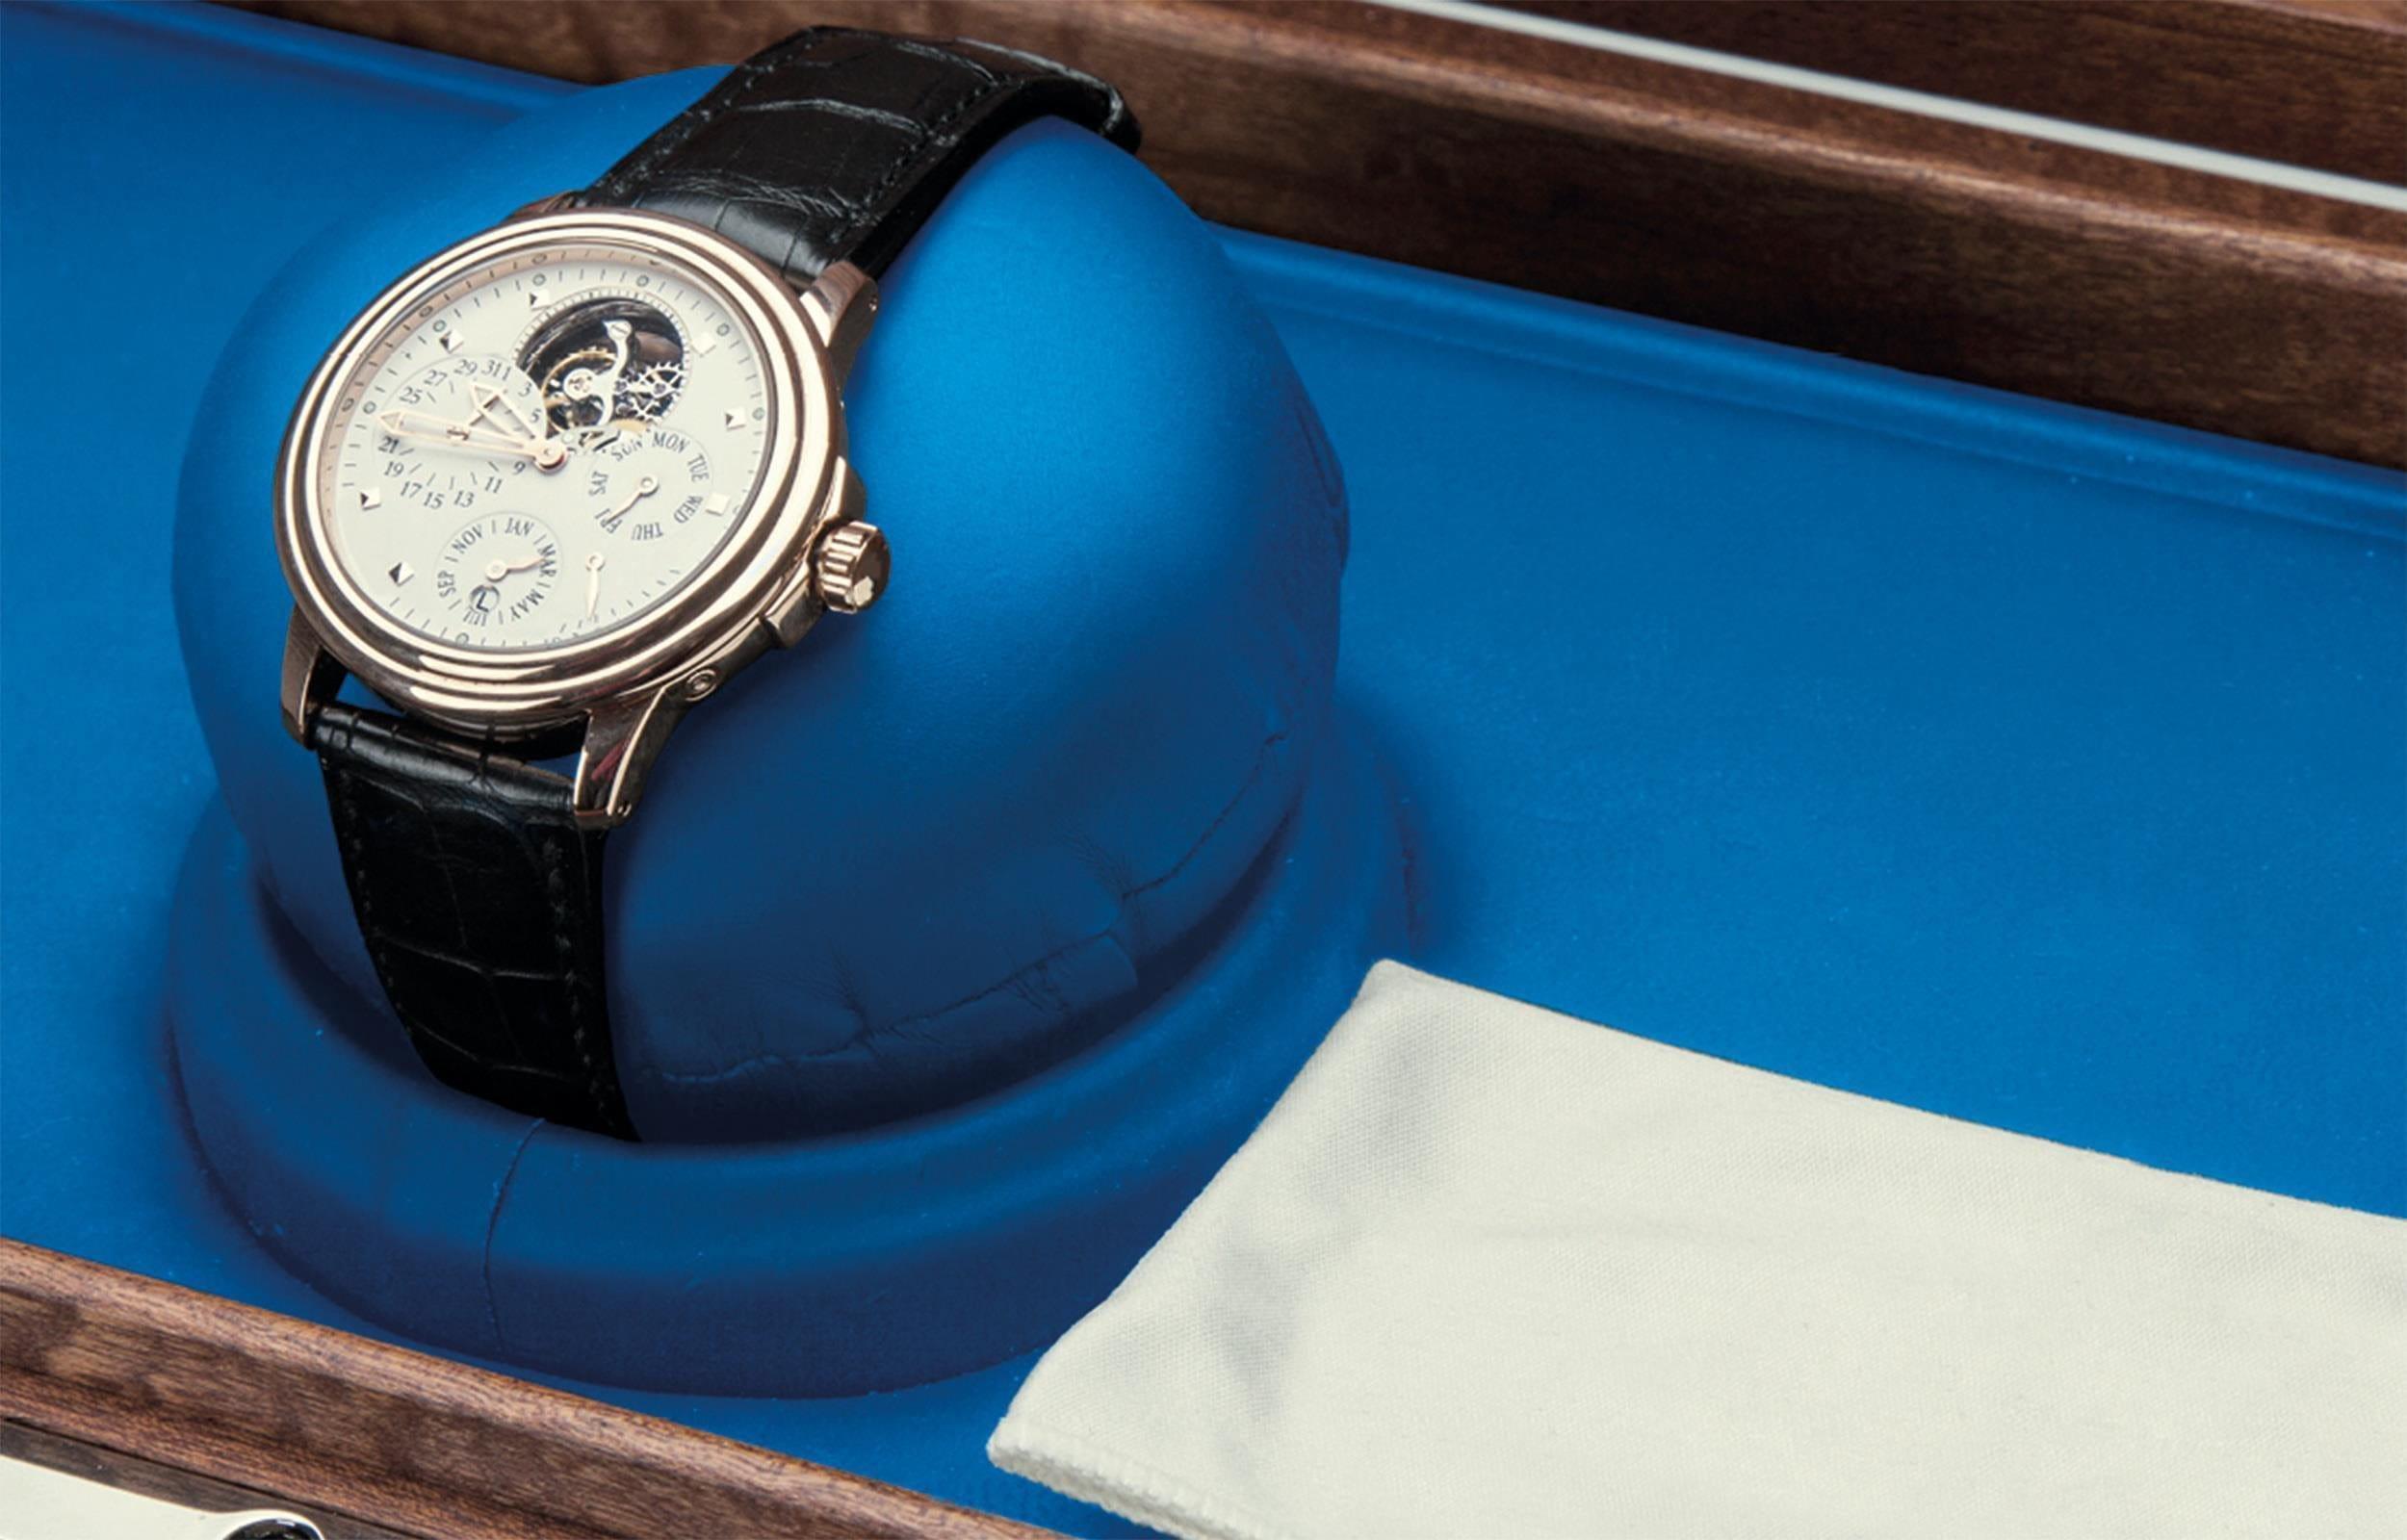 Orologio prezioso in una custodia